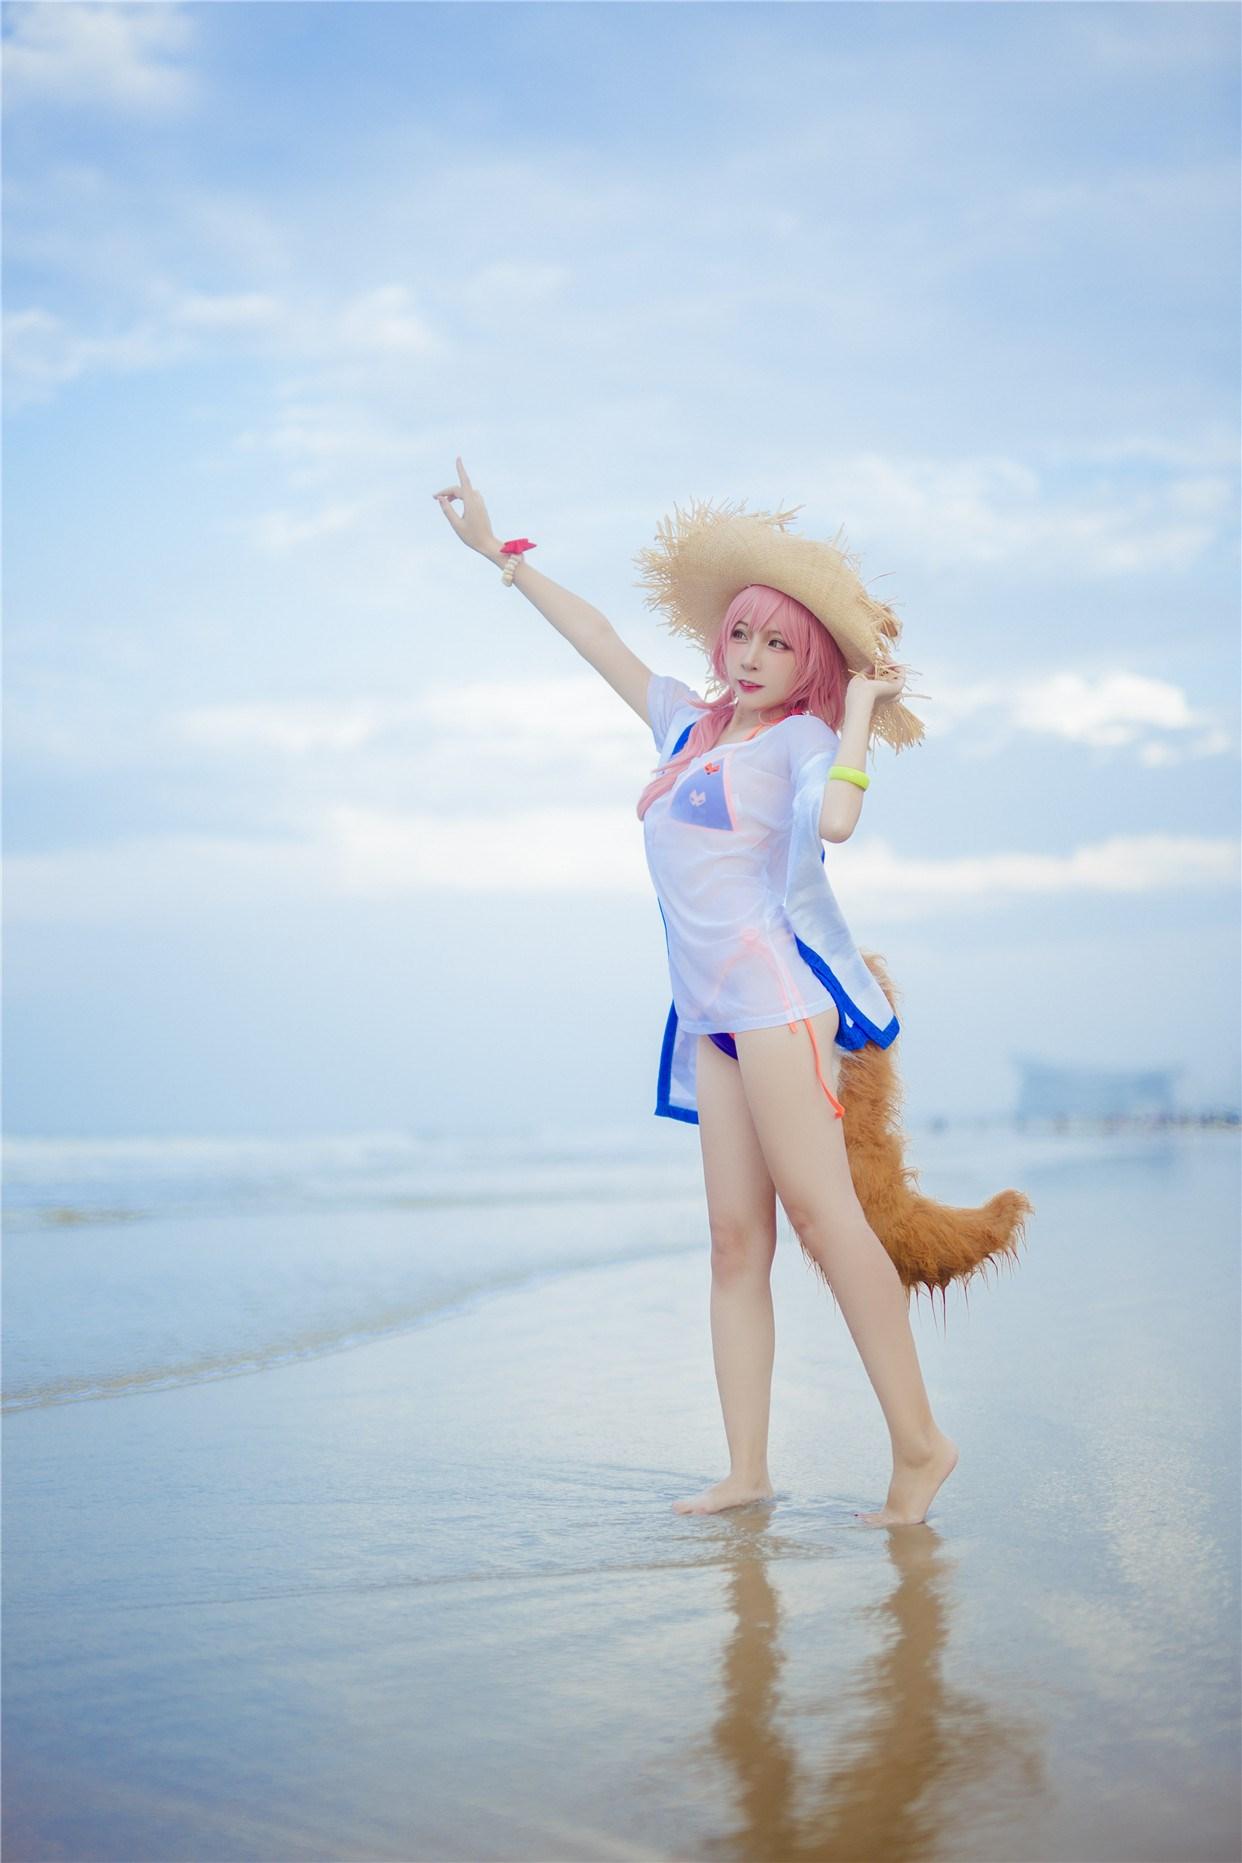 【兔玩映画】和玉藻前一起去海边啦! 兔玩映画 第26张